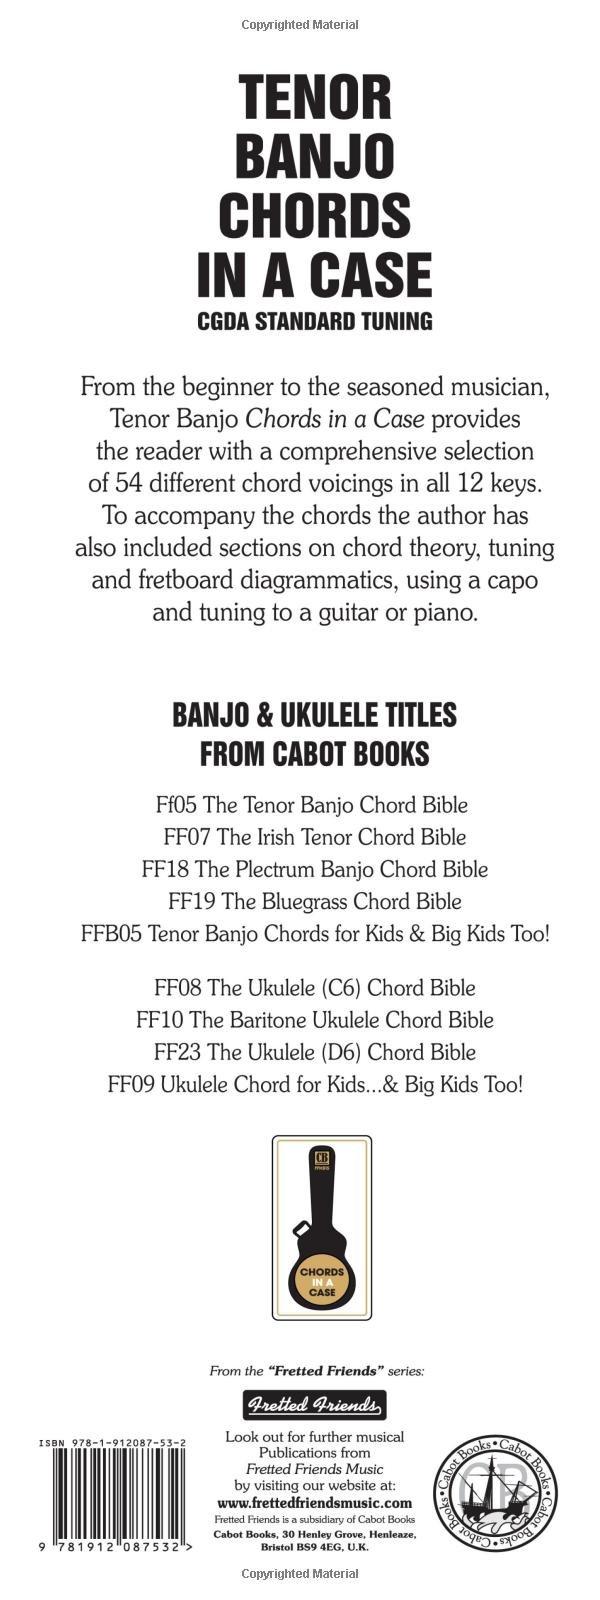 Tenor Banjo Chords In A Case Cgda Standard Tuning 1 512 Chords In